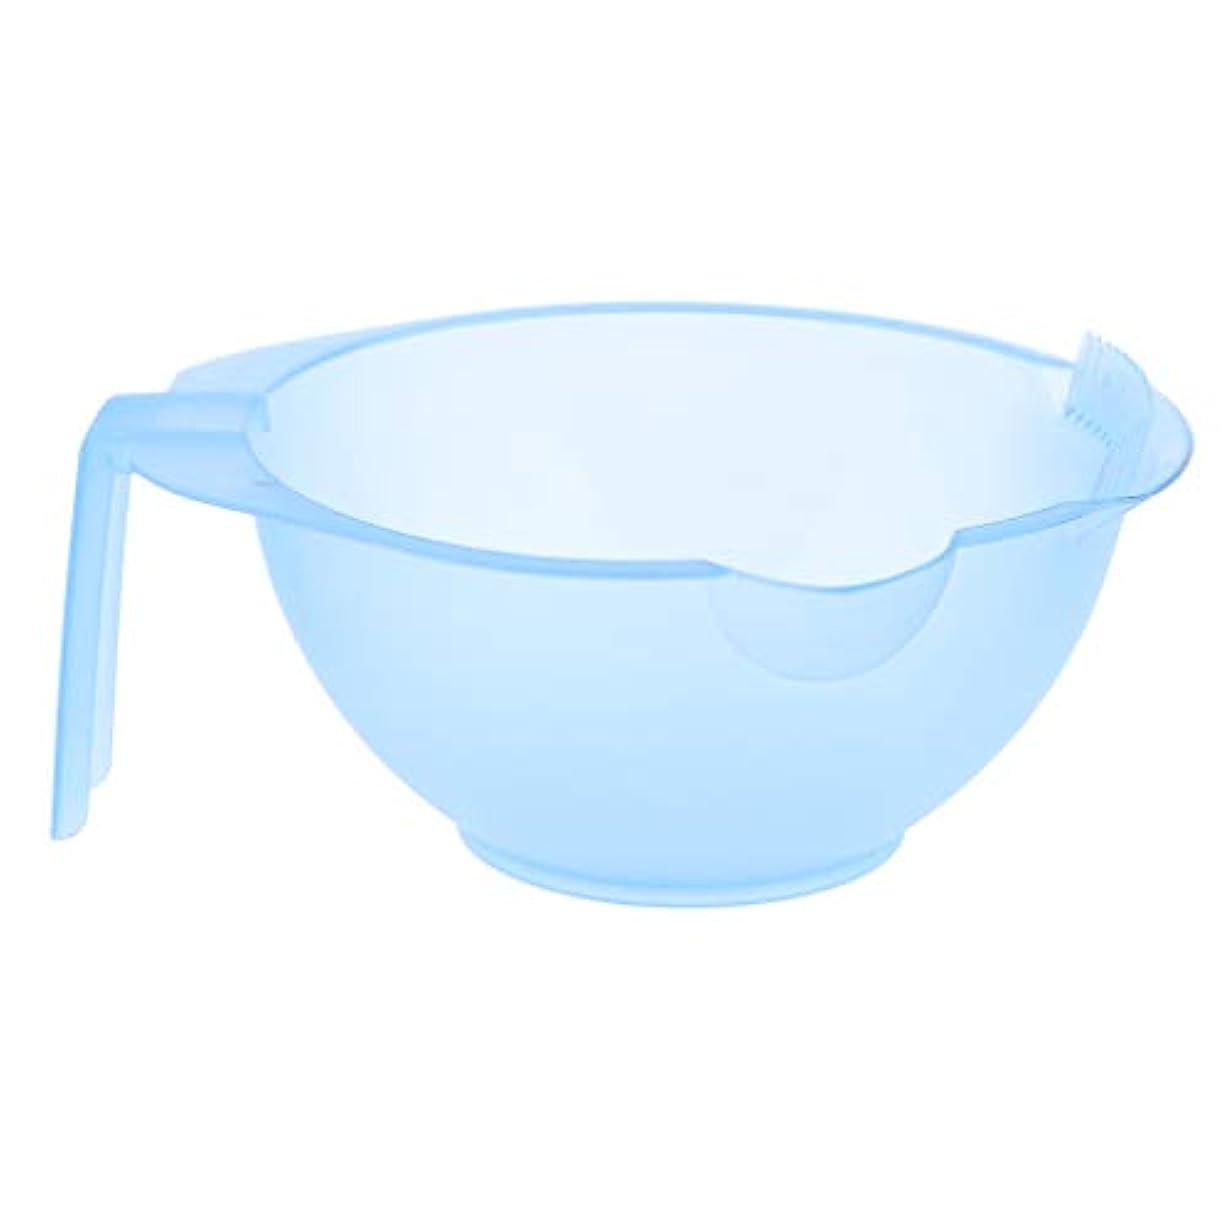 ランプ市場セミナーF Fityle ヘアカラーボール ヘアサロン ヘアダイミキシングボウル エッジ付き 5色選べ - 青